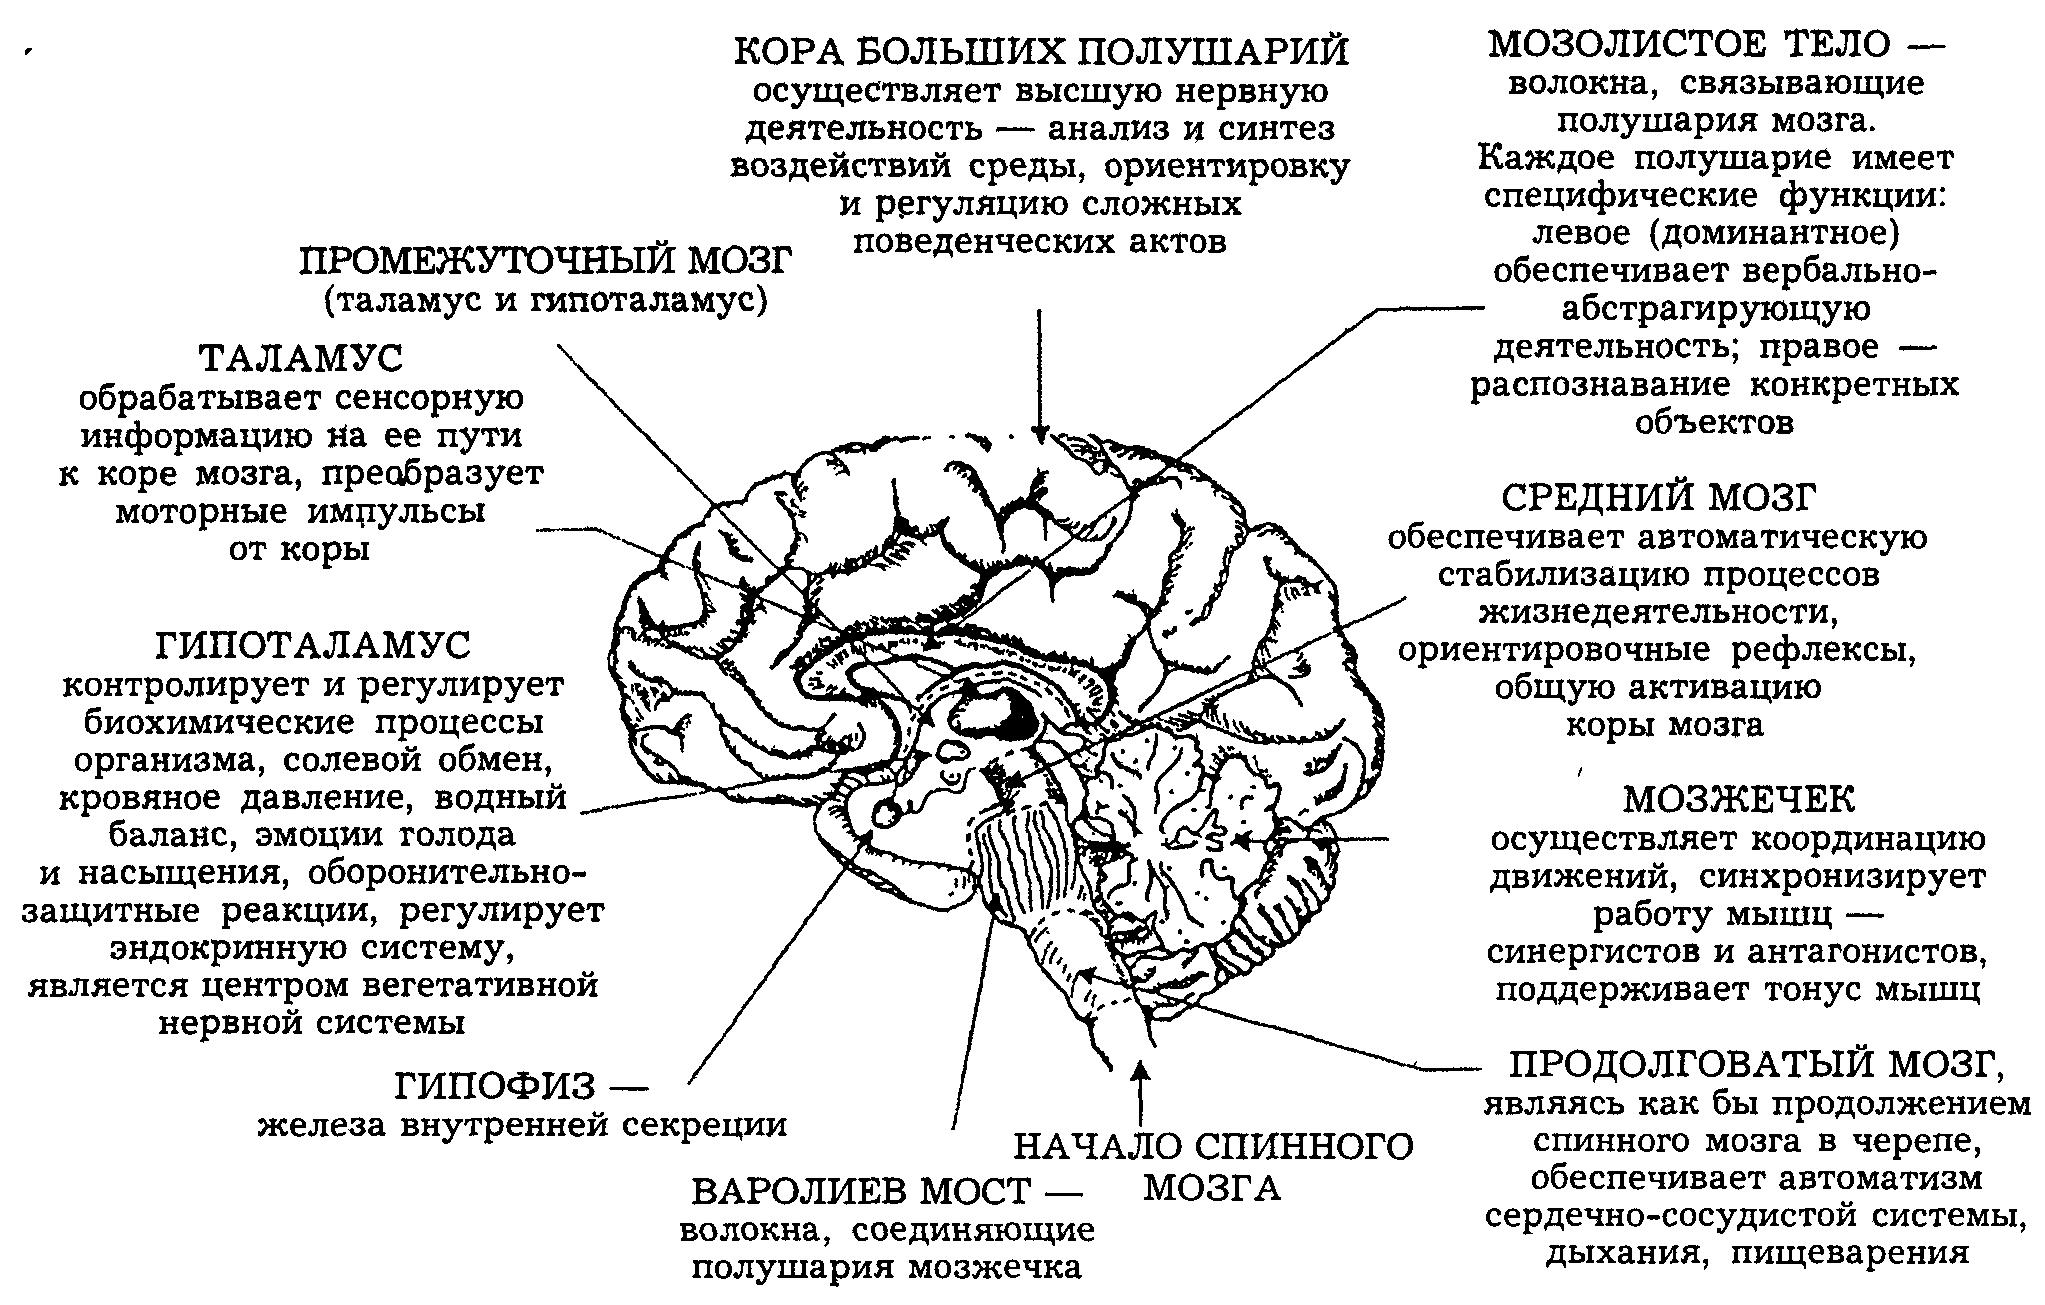 Головной мозг человека — википедия. что такое головной мозг человека